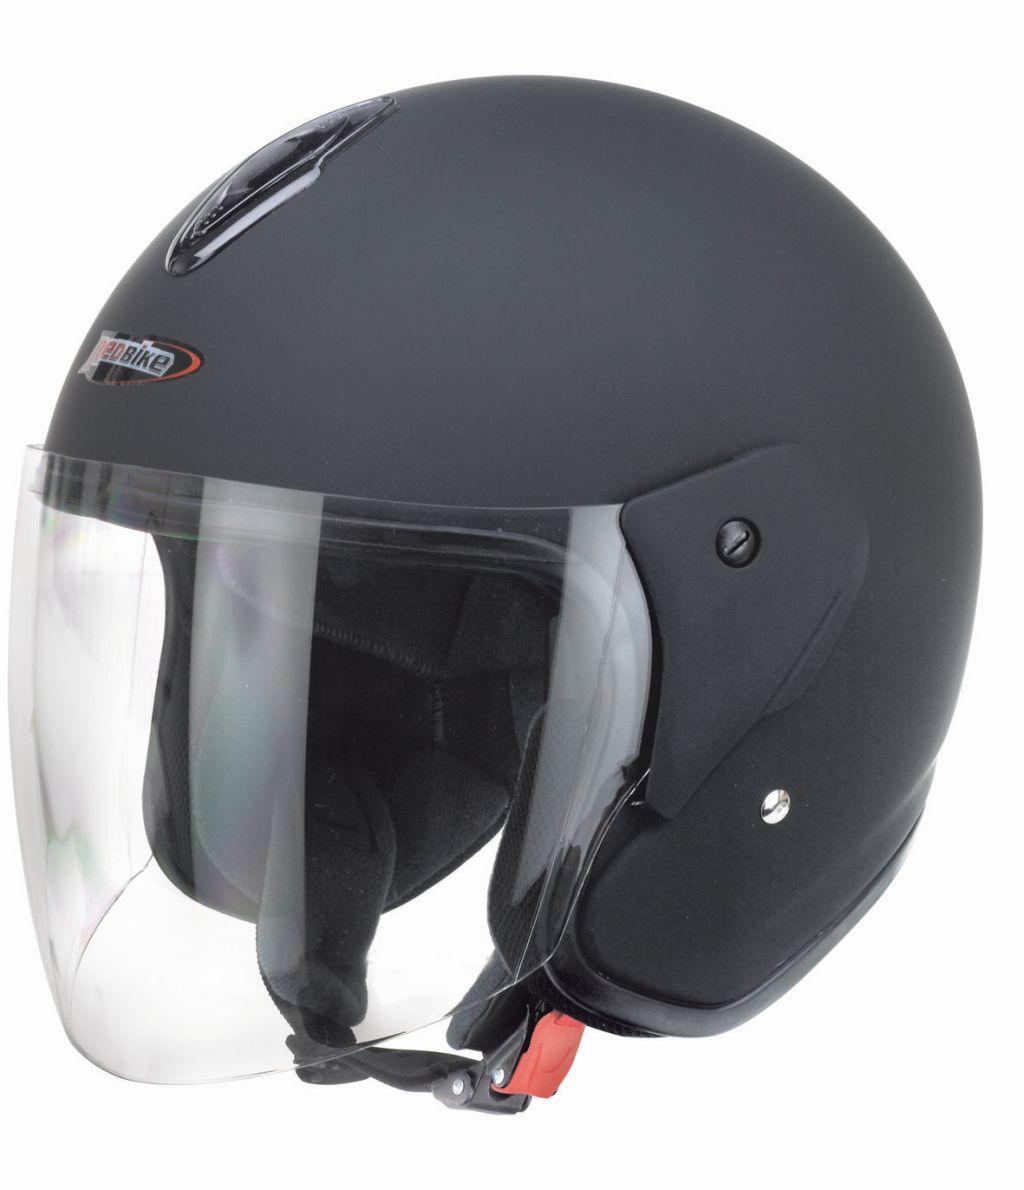 Redbike Motorrad Jet Helm Matt schwarz mit kratzfestem Visier RB 915 XS - XXL